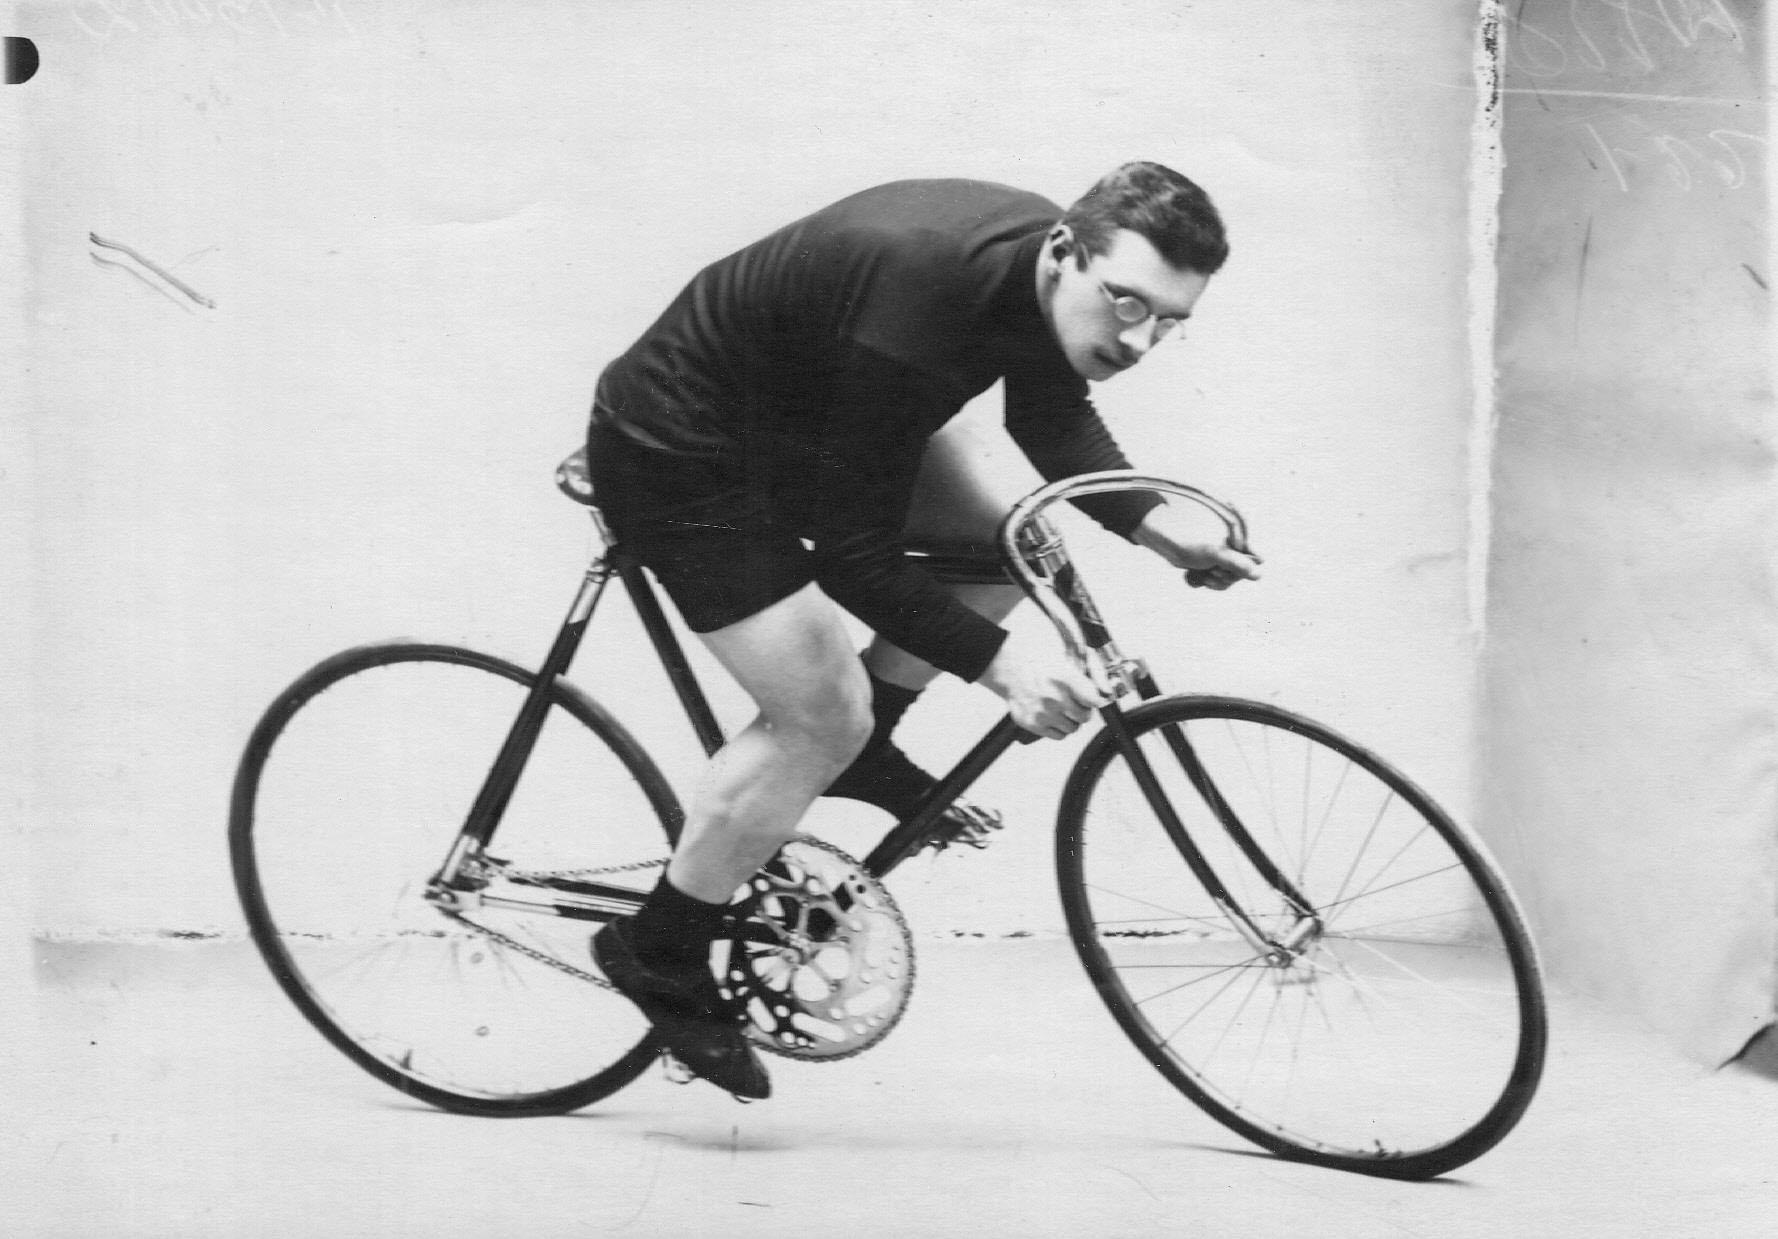 Велогонщик на велосипеде